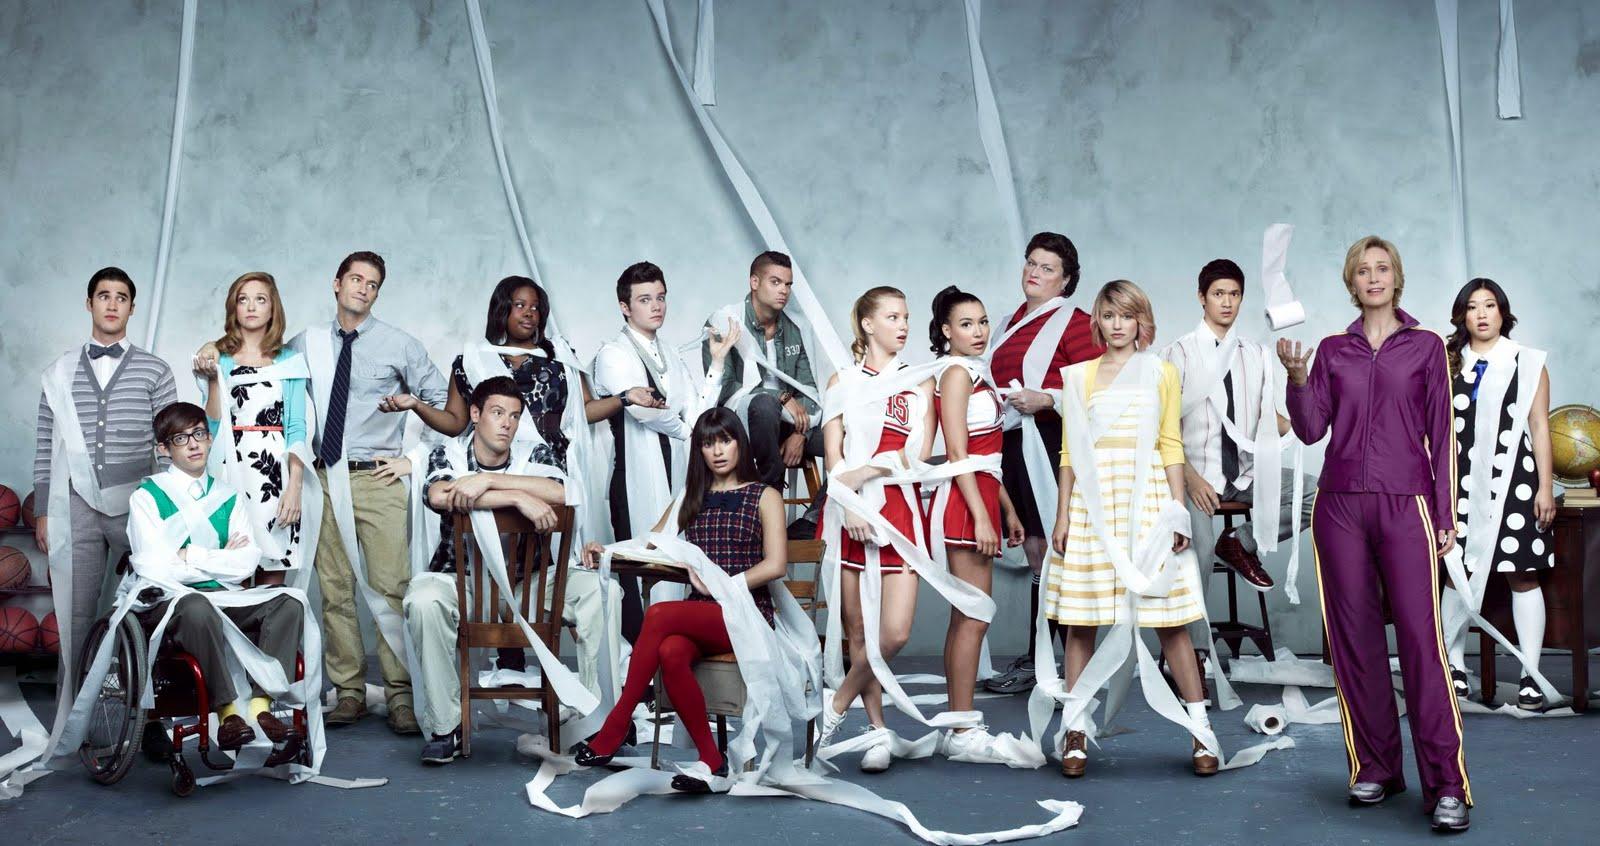 Glee 4: diplomi, matrimoni e arresti all'orizzonte? [SPOILER]